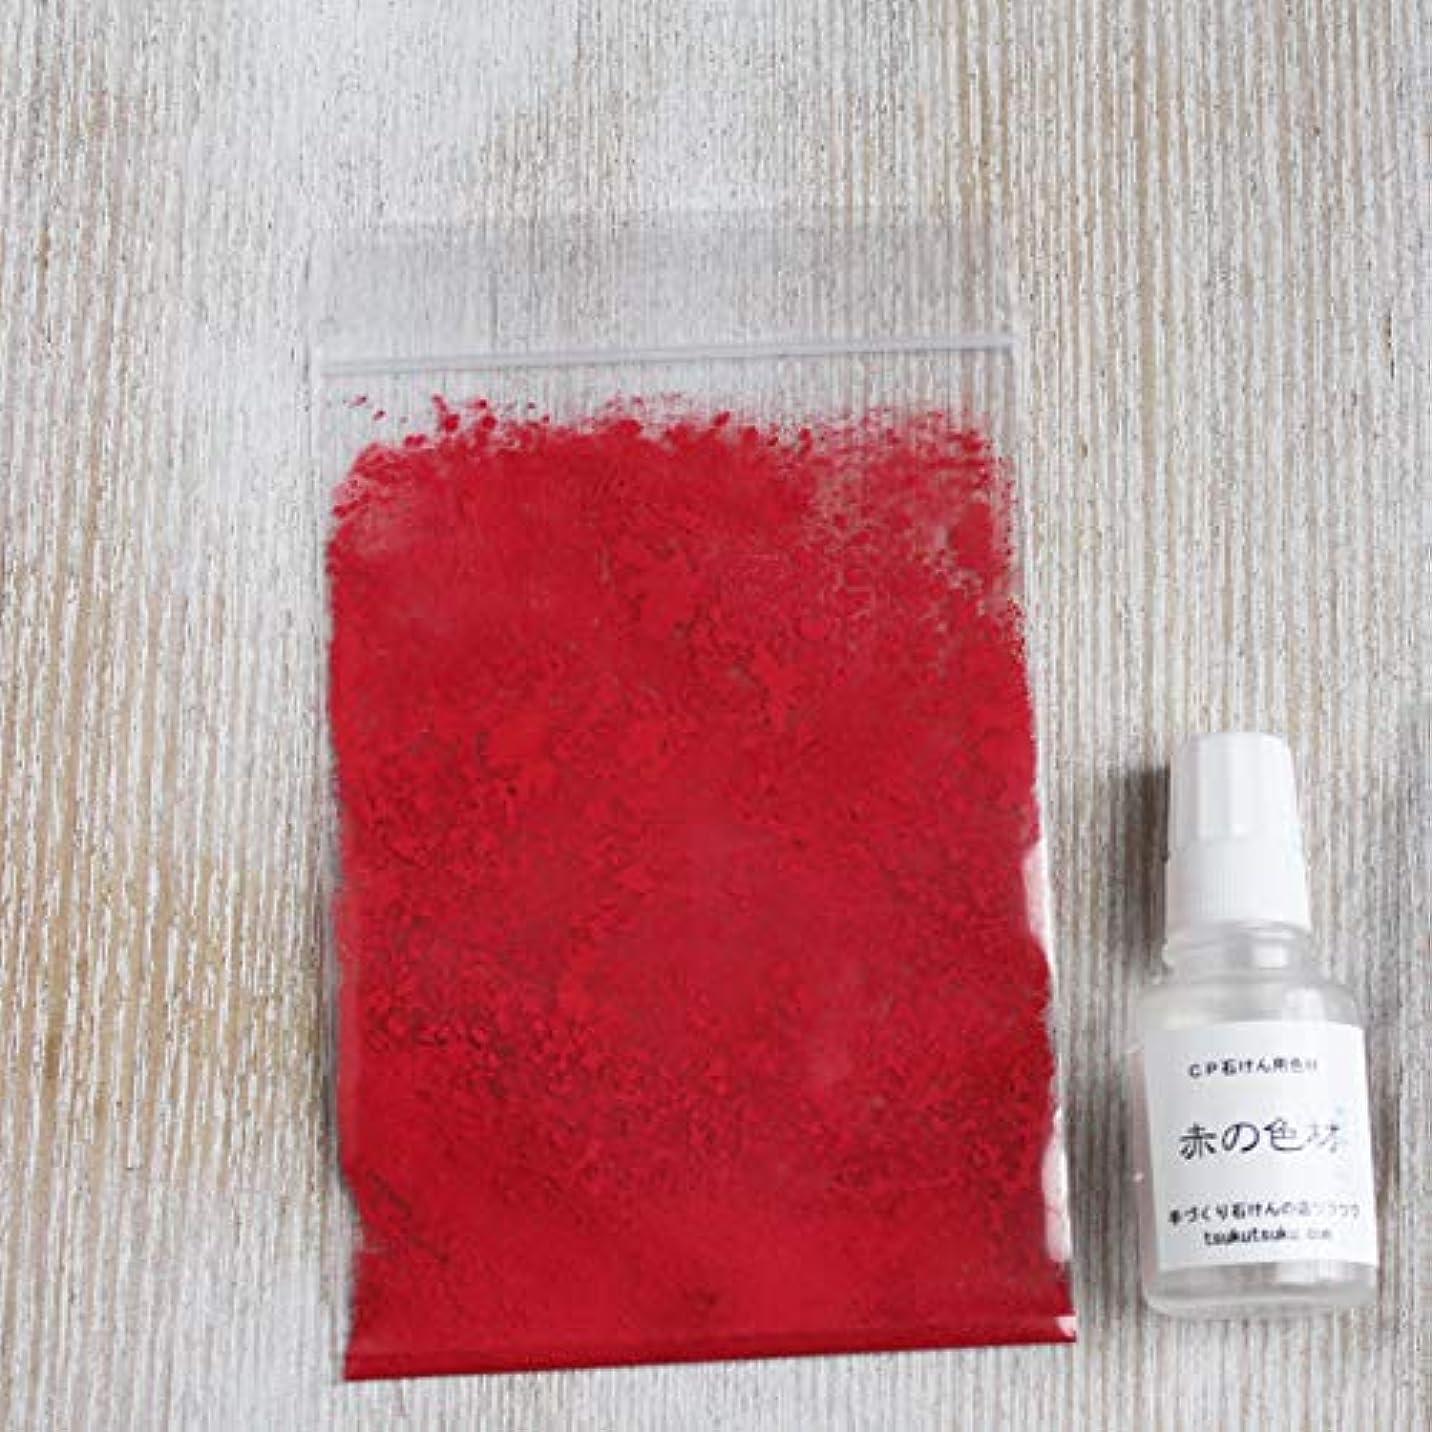 実行お客様証明書CP石けん用色材 赤の色材キット/手作り石けん?手作り化粧品材料